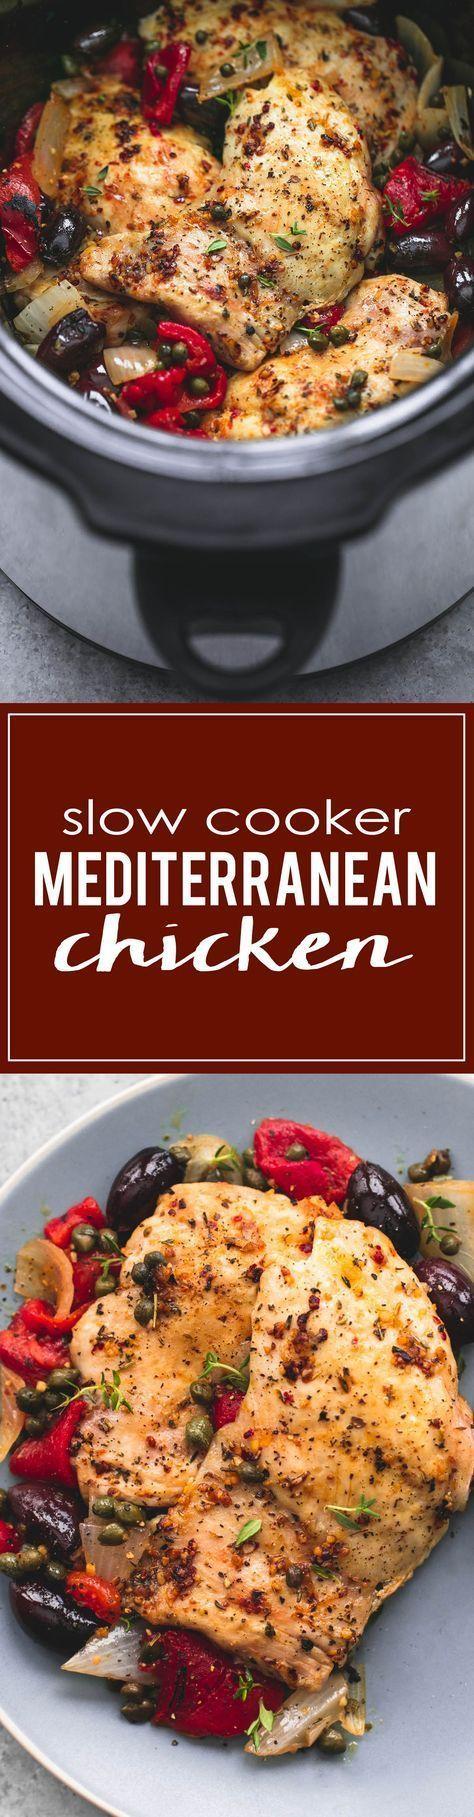 Slow Cooker Mediterranean Chicken | http://lecremedelacrumb.com